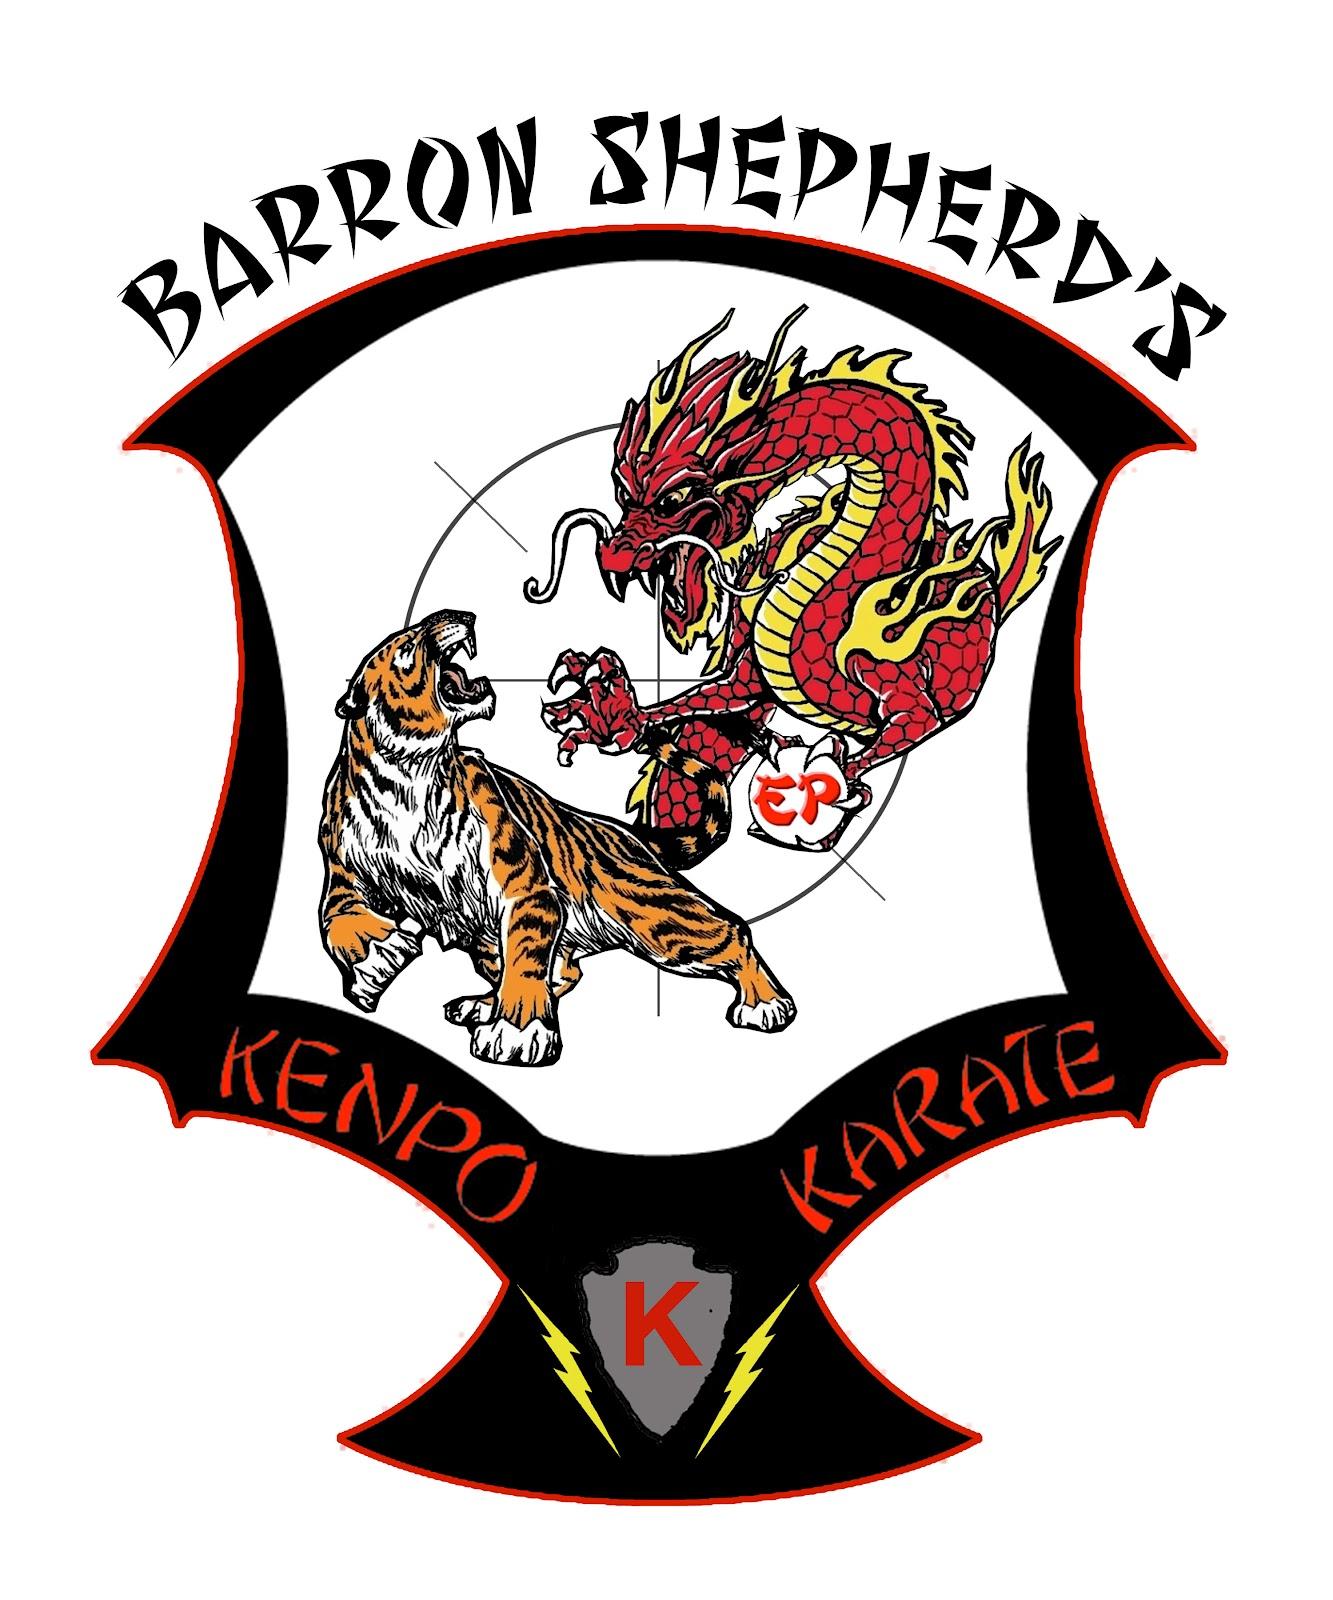 Exhibiciones de kenpo karate patches